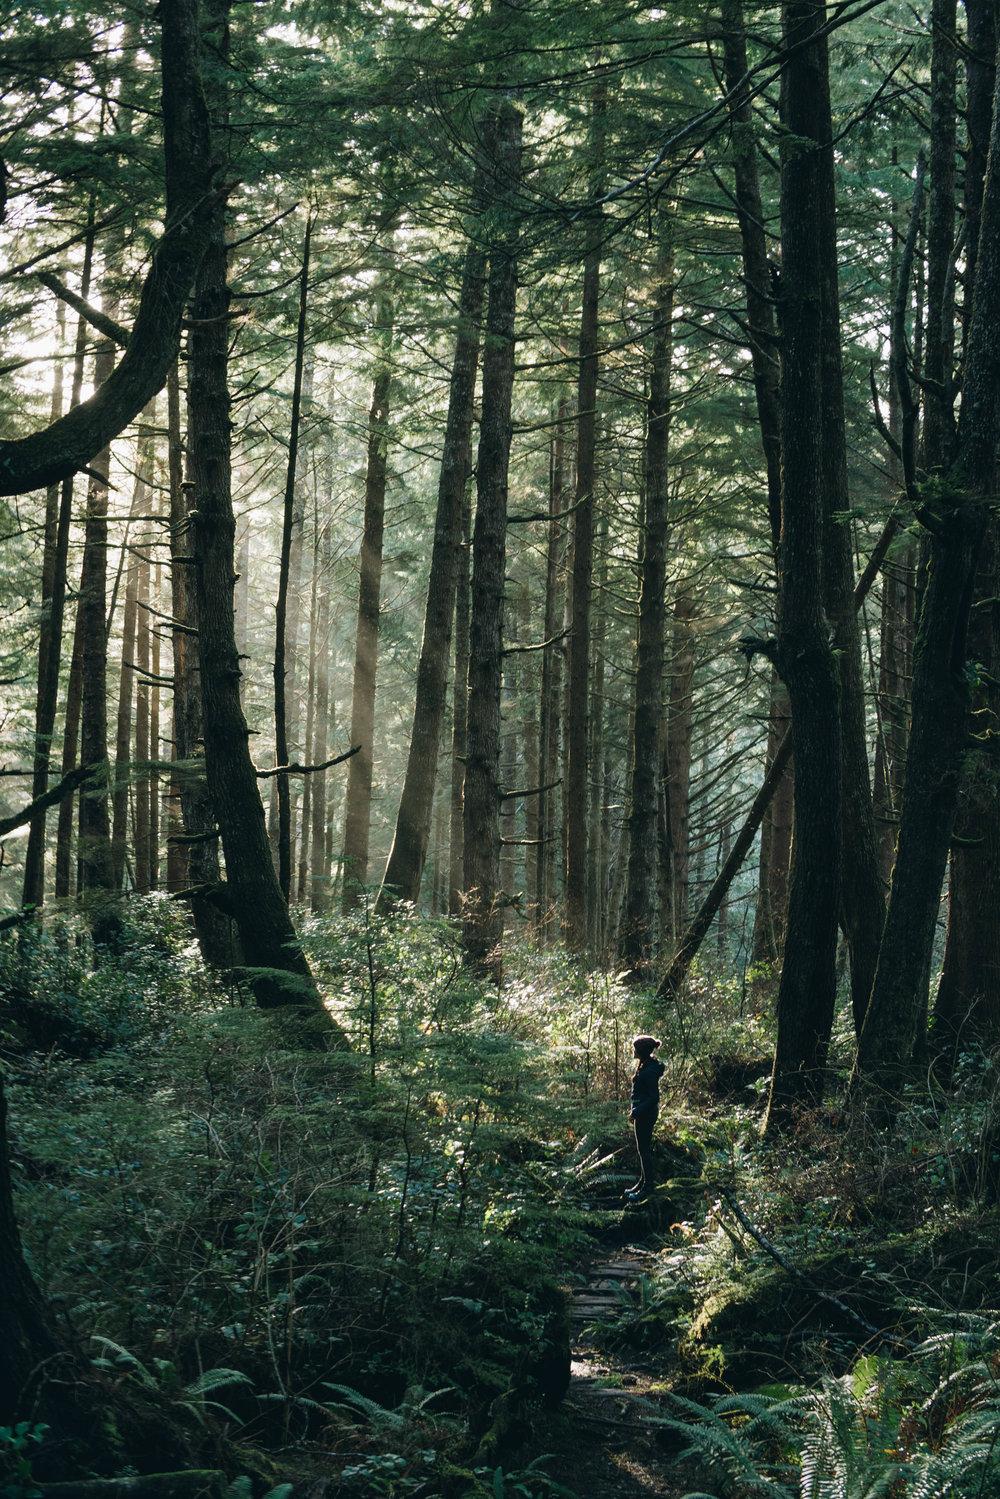 Forest_walk-2.jpg